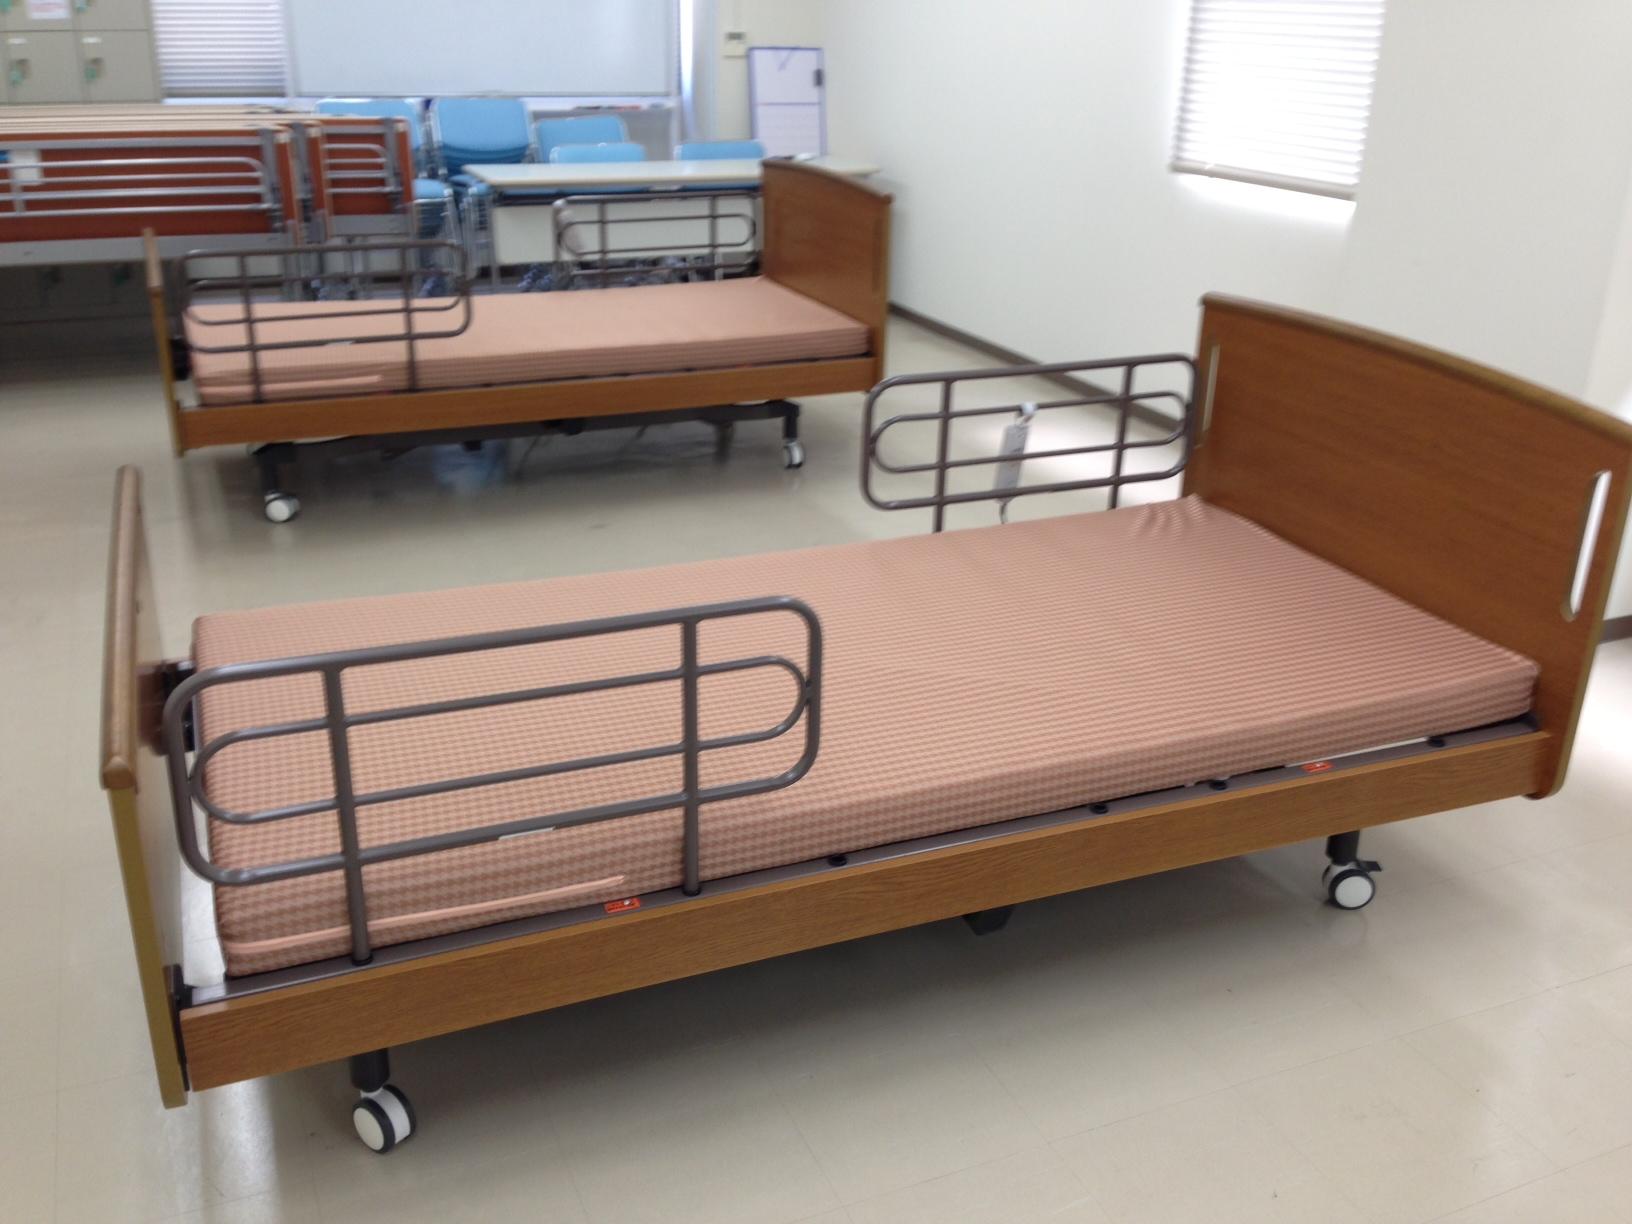 特殊寝台(電動ベッド)【福祉用具貸与品目】クリックすると受講申込可能です